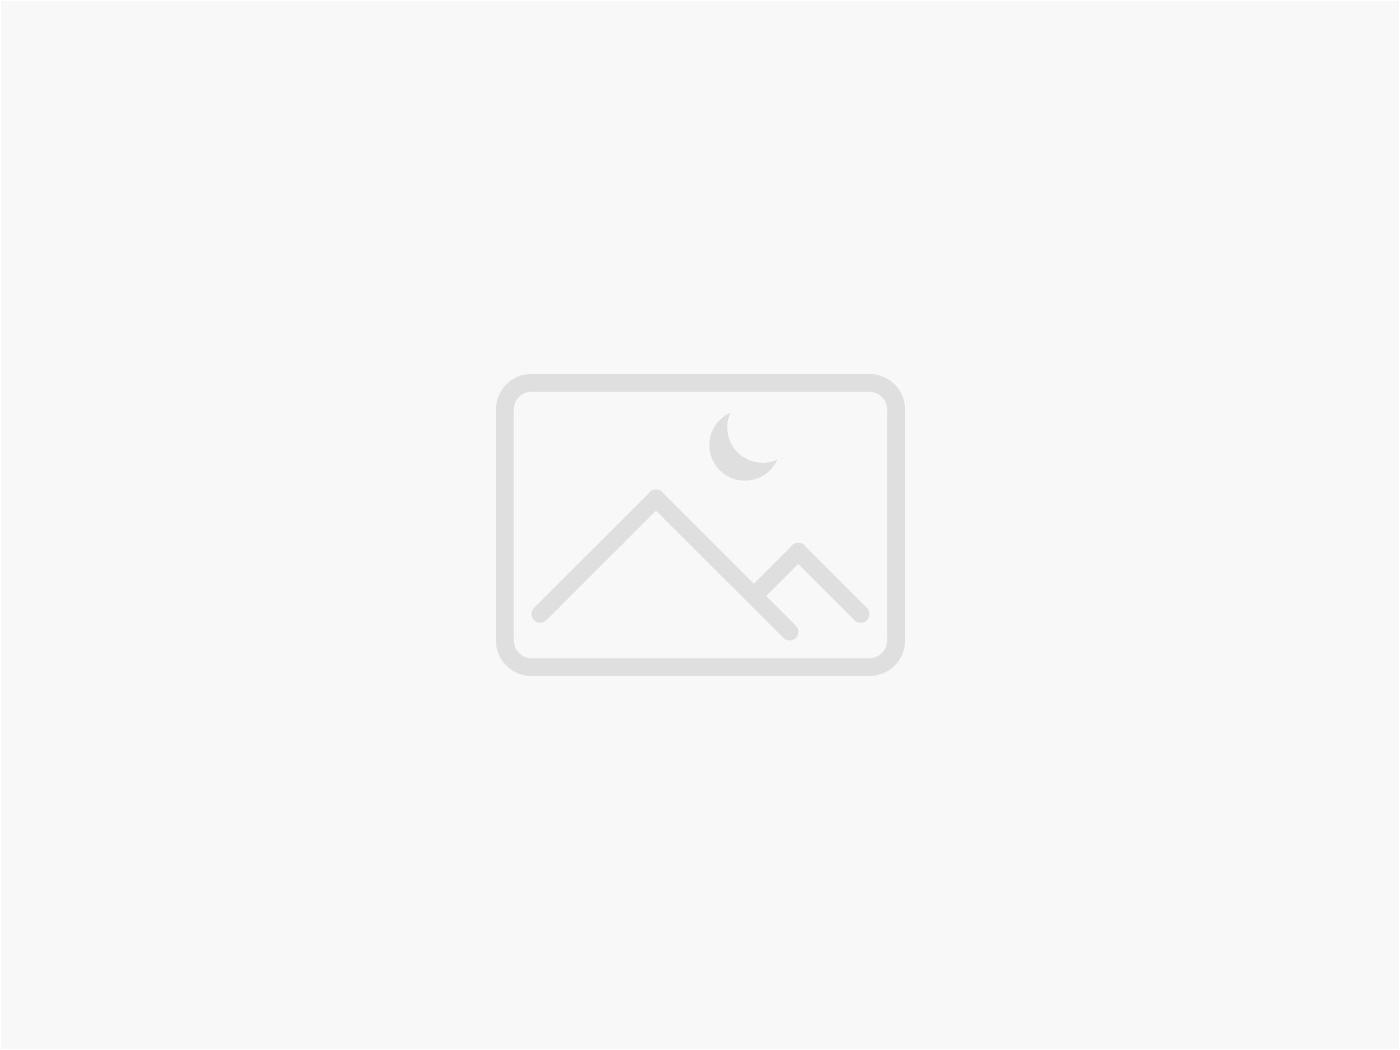 Цвета металлочерепицы-винный